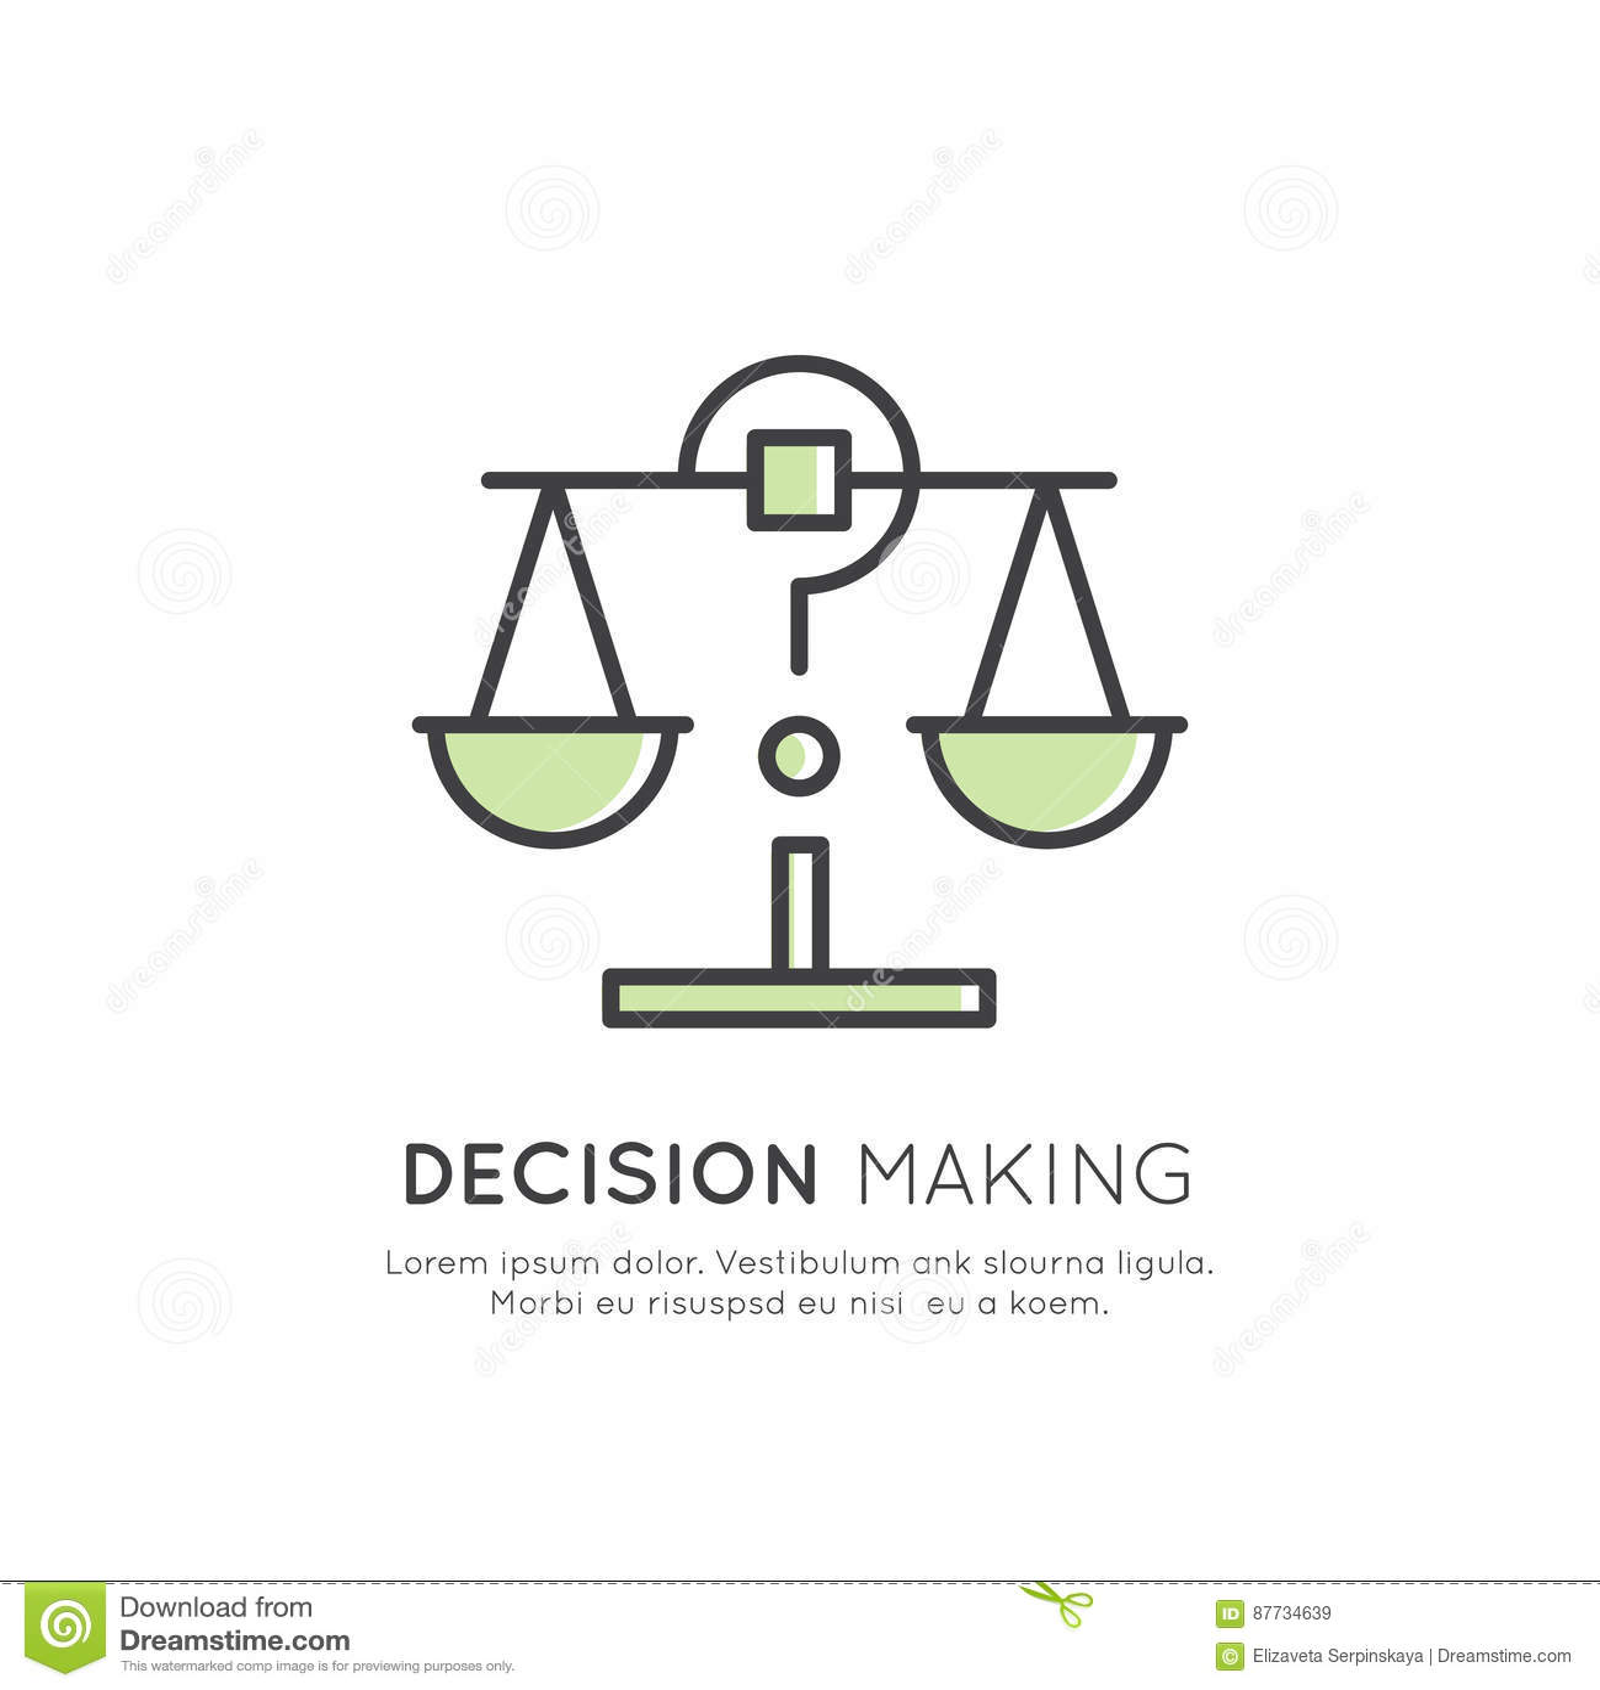 Illustration von Analytik, Management, Geschäfts-denkende Fähigkeit, Beschlussfassung, Zeit-Management, Gedächtnis, Sitemap, a ge